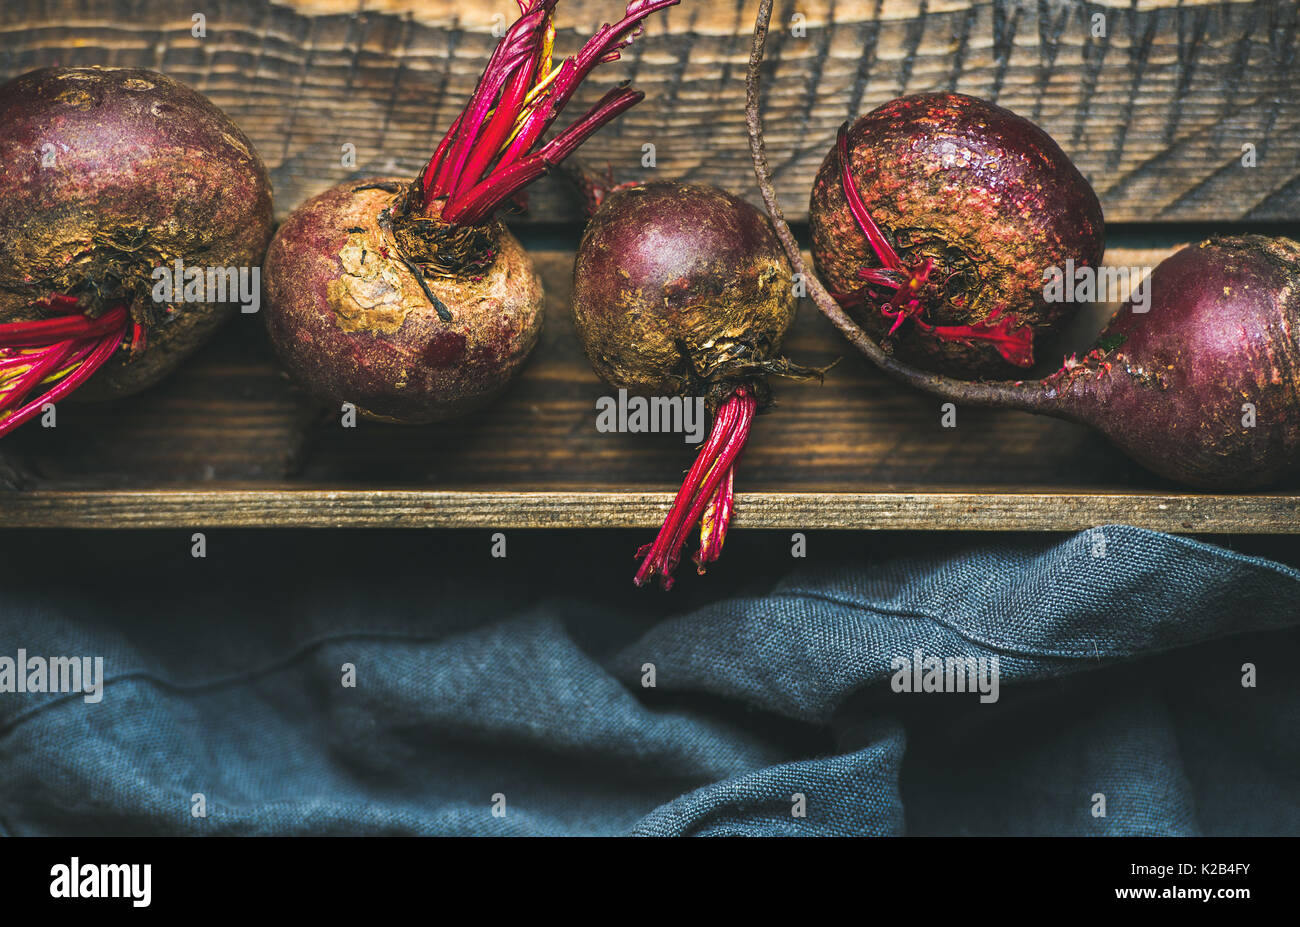 Materie organiche delle barbabietole viola in cassetta di legno Immagini Stock